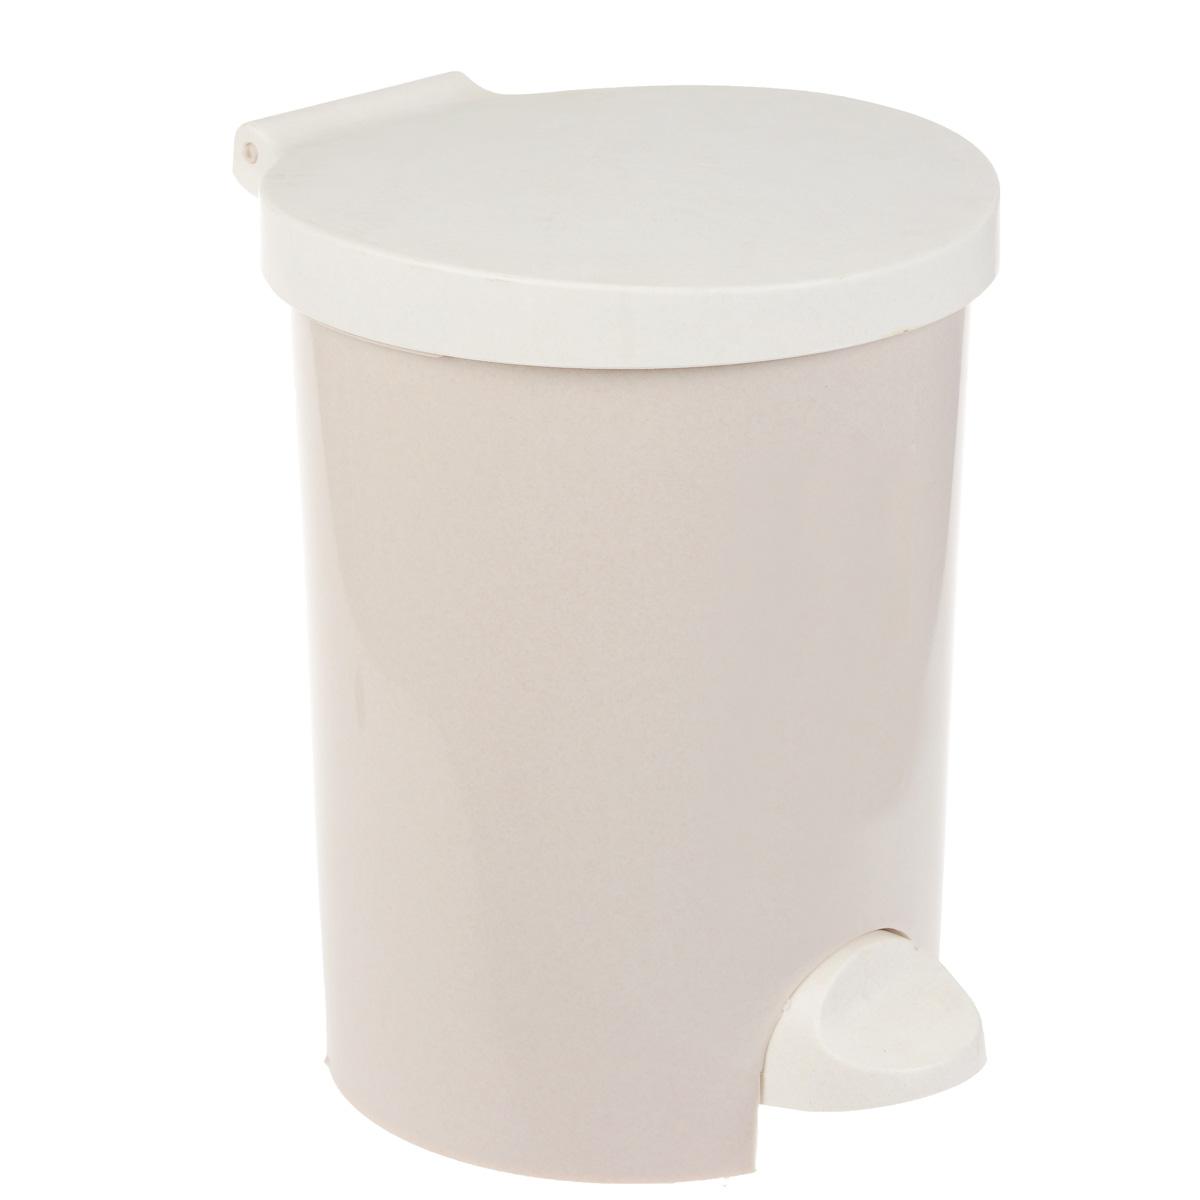 Контейнер для мусора Curver, с педалью, цвет: бежевый, 15 л531-105Контейнер для мусора Curver изготовлен из высококачественного пластика. Контейнер оснащен педалью, с помощью которой можно открыть крышку. Закрывается крышка бесшумно, плотно прилегает, предотвращая распространение запаха. Бороться с мелким мусором станет легко. Внутри ведро с ручкой, которое при необходимости можно достать из контейнера. Благодаря лаконичному дизайну такой контейнер идеально впишется в интерьер и дома, и офиса.